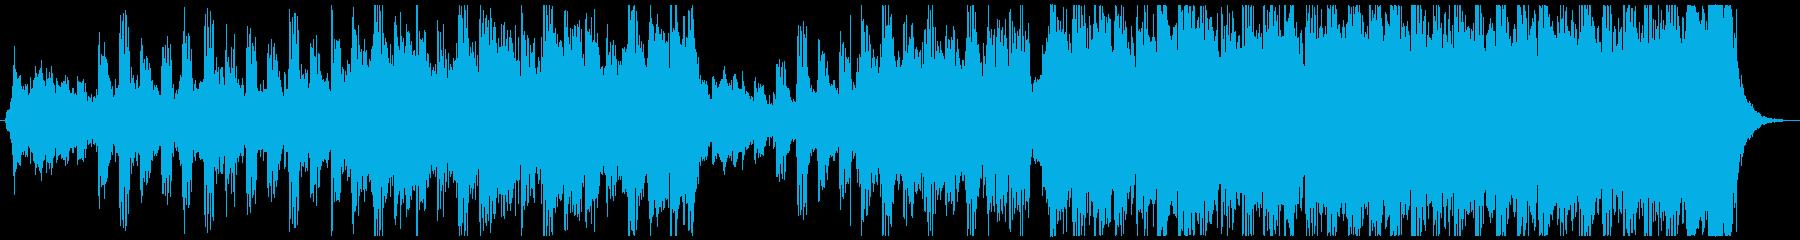 壮大なエピックオーケストラミュージックの再生済みの波形